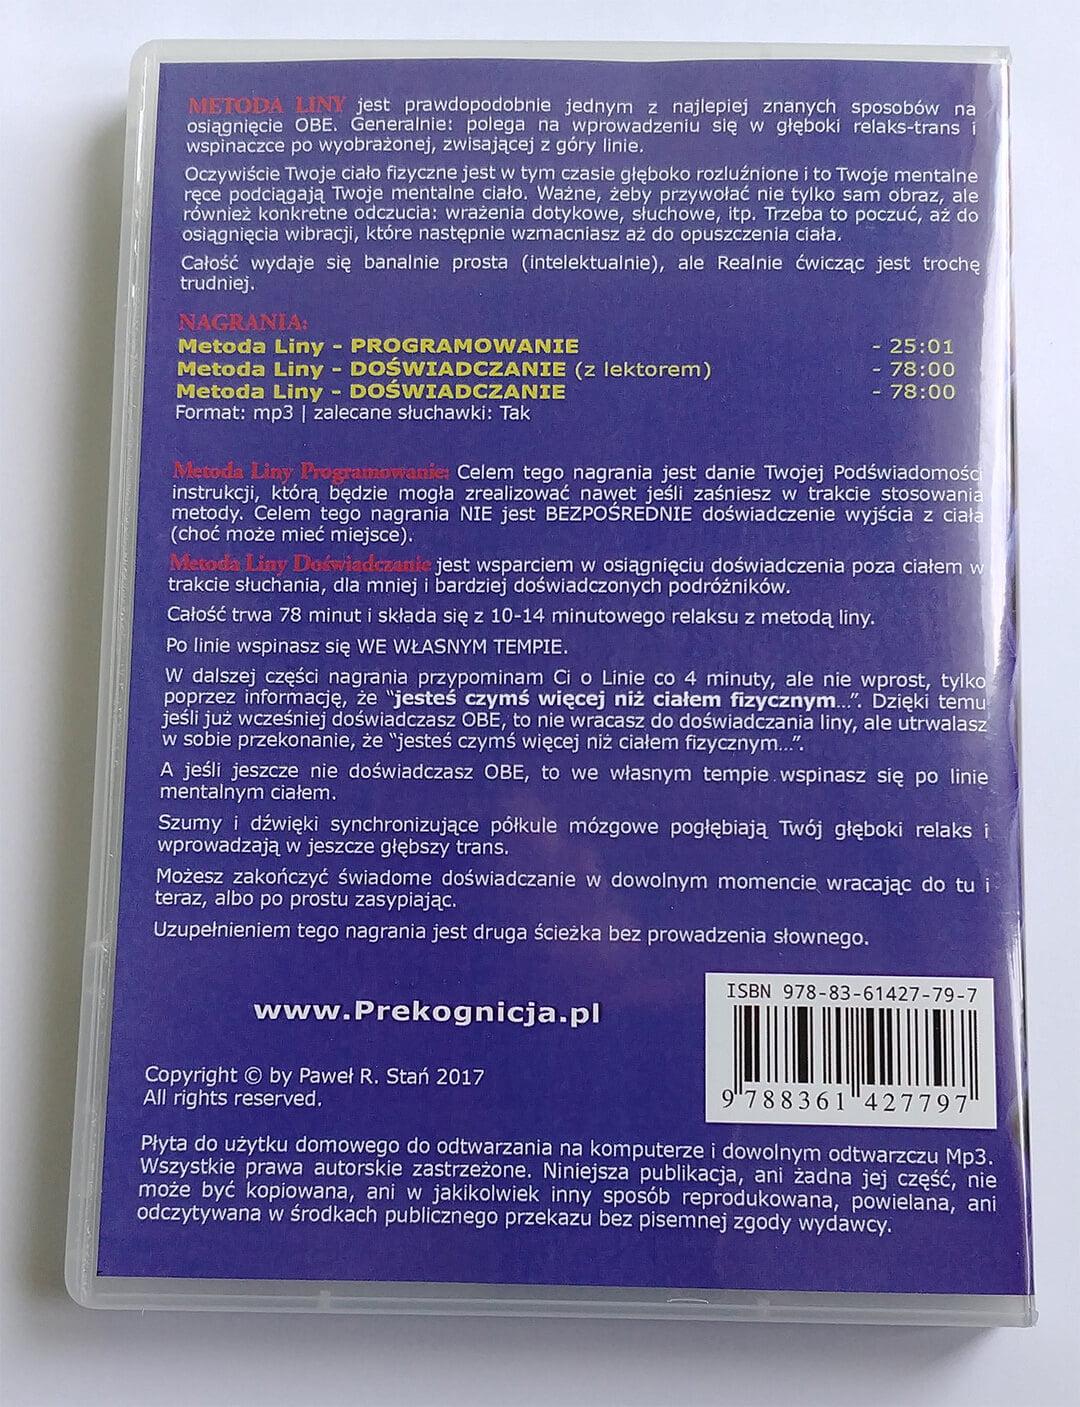 OBE - Metoda Liny na CD